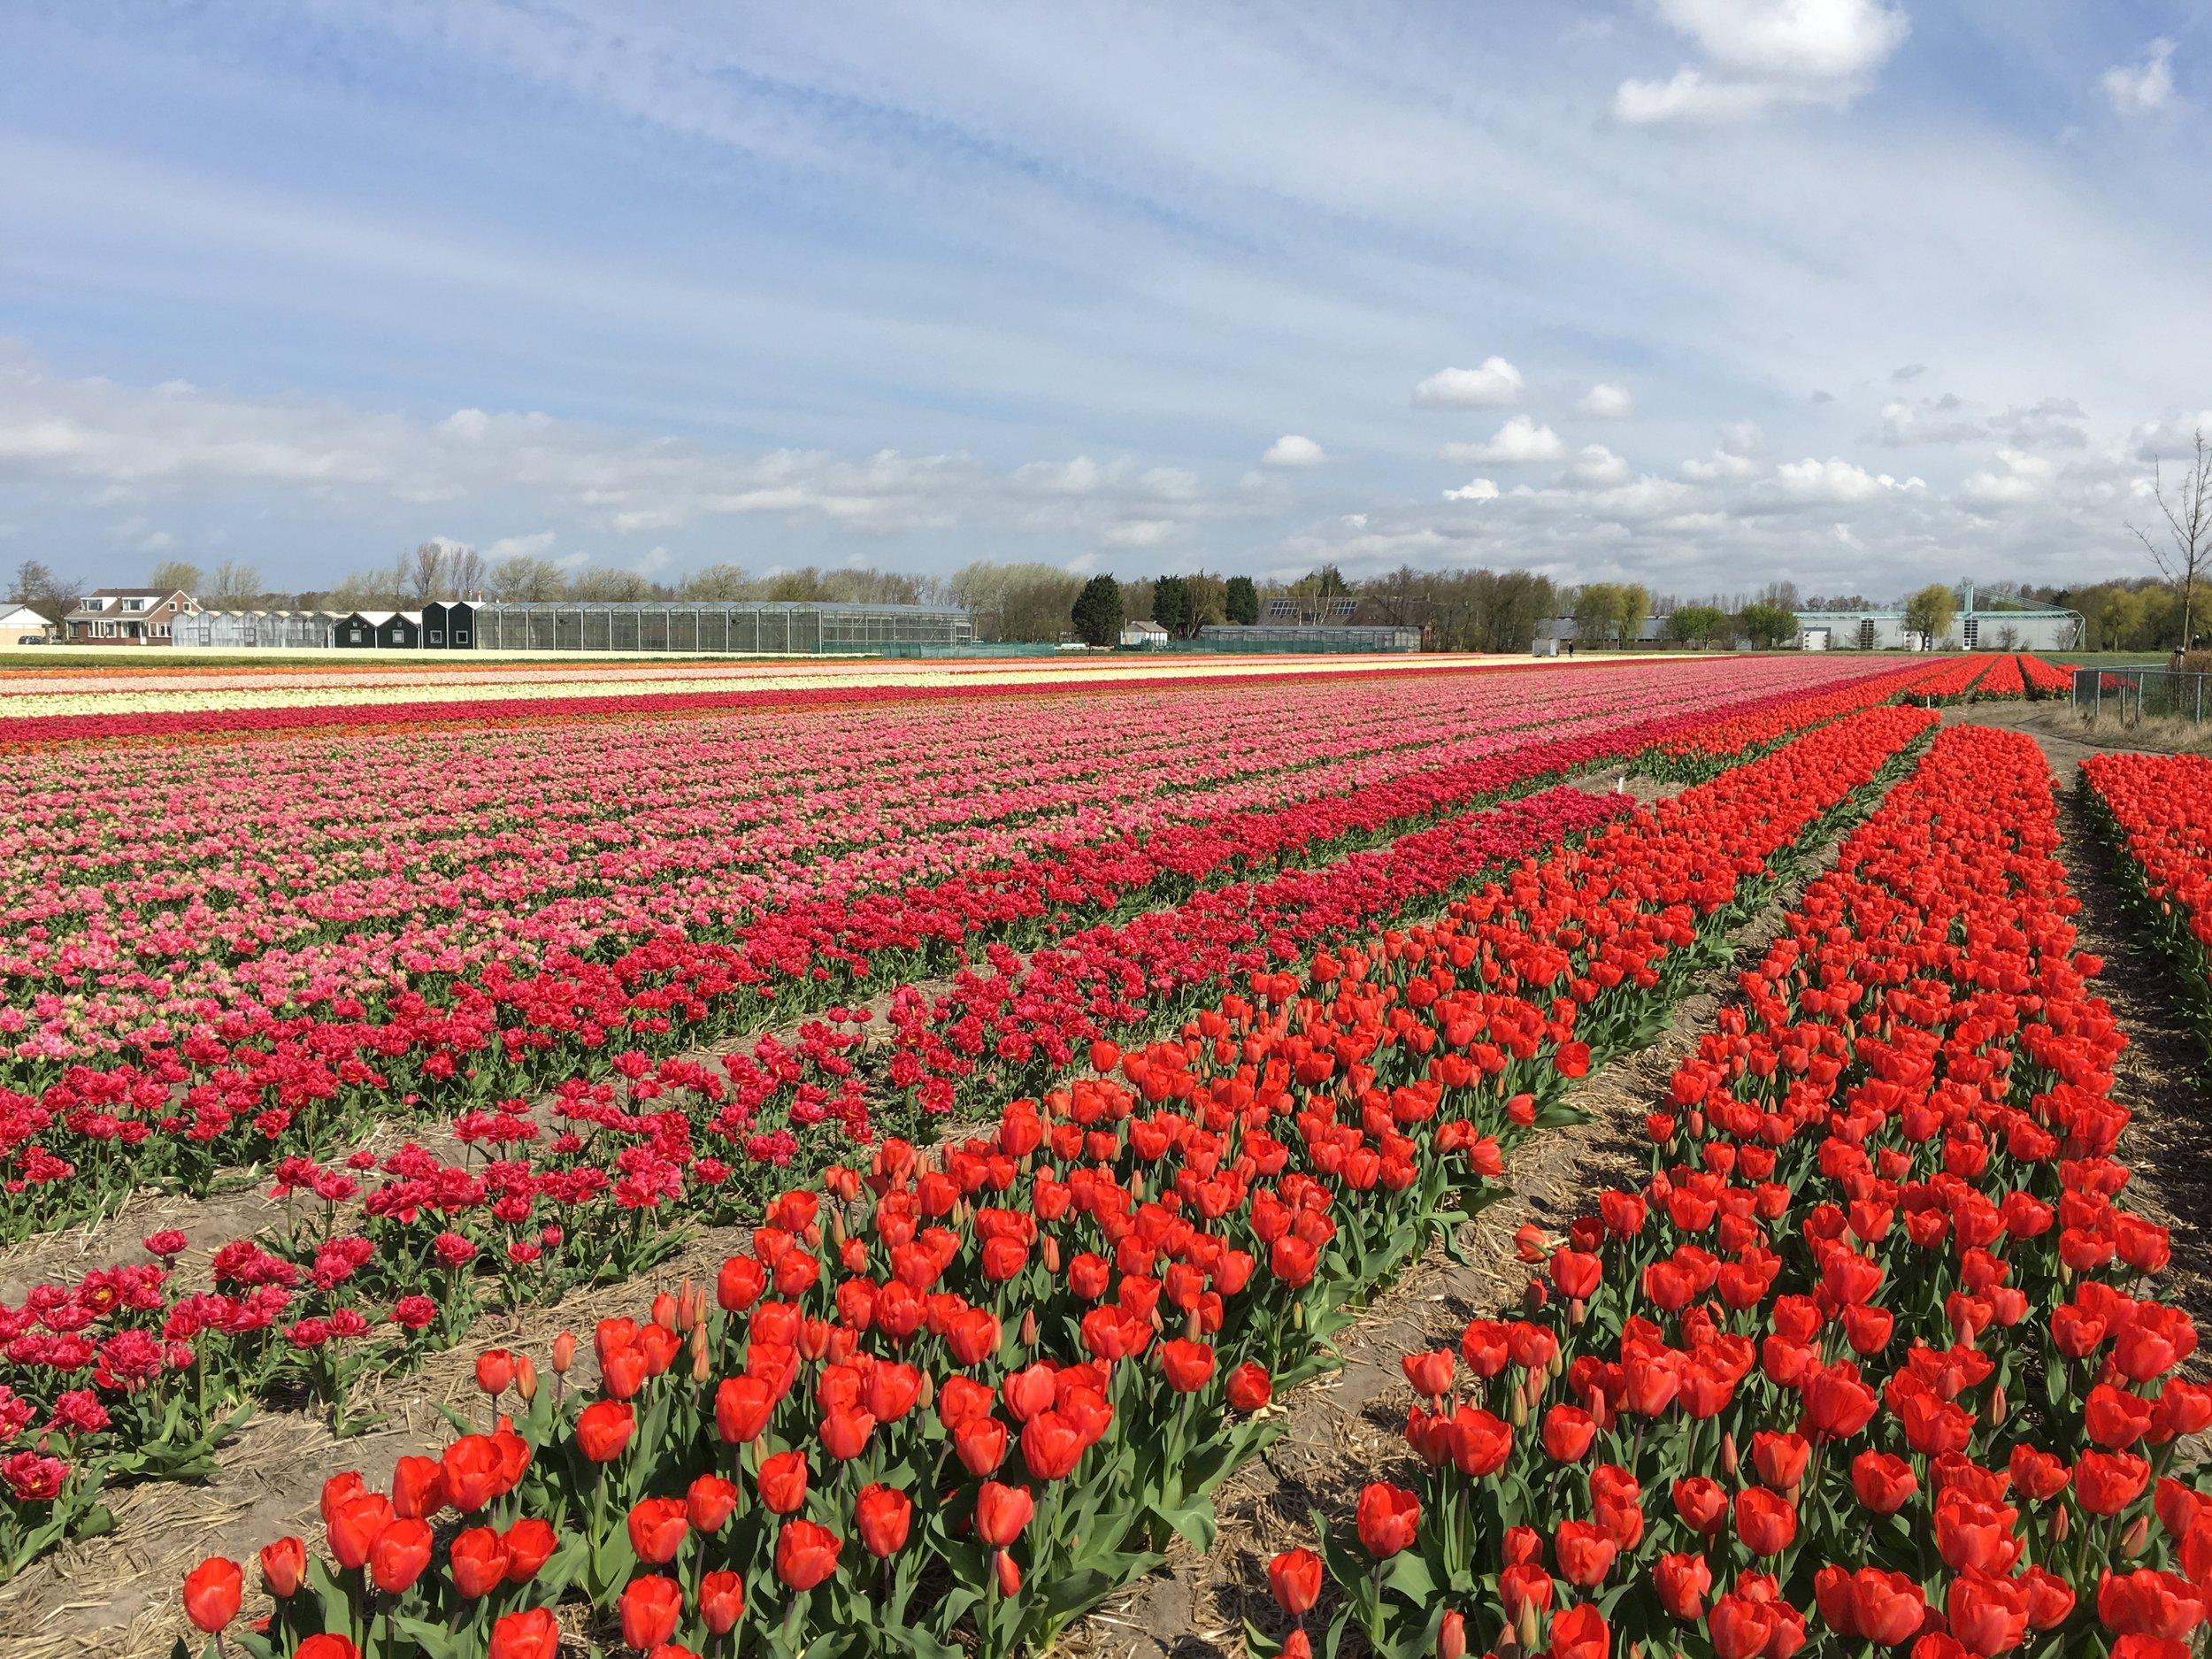 Dutch Flower Field +Atelier Ashley Flowers  + Artist's Statement + DC Wedding Florist + Sarasota Wedding Florist + Tahoe Wedding Florist + Art + Flowers + https://www.atelierashleyflowers.com